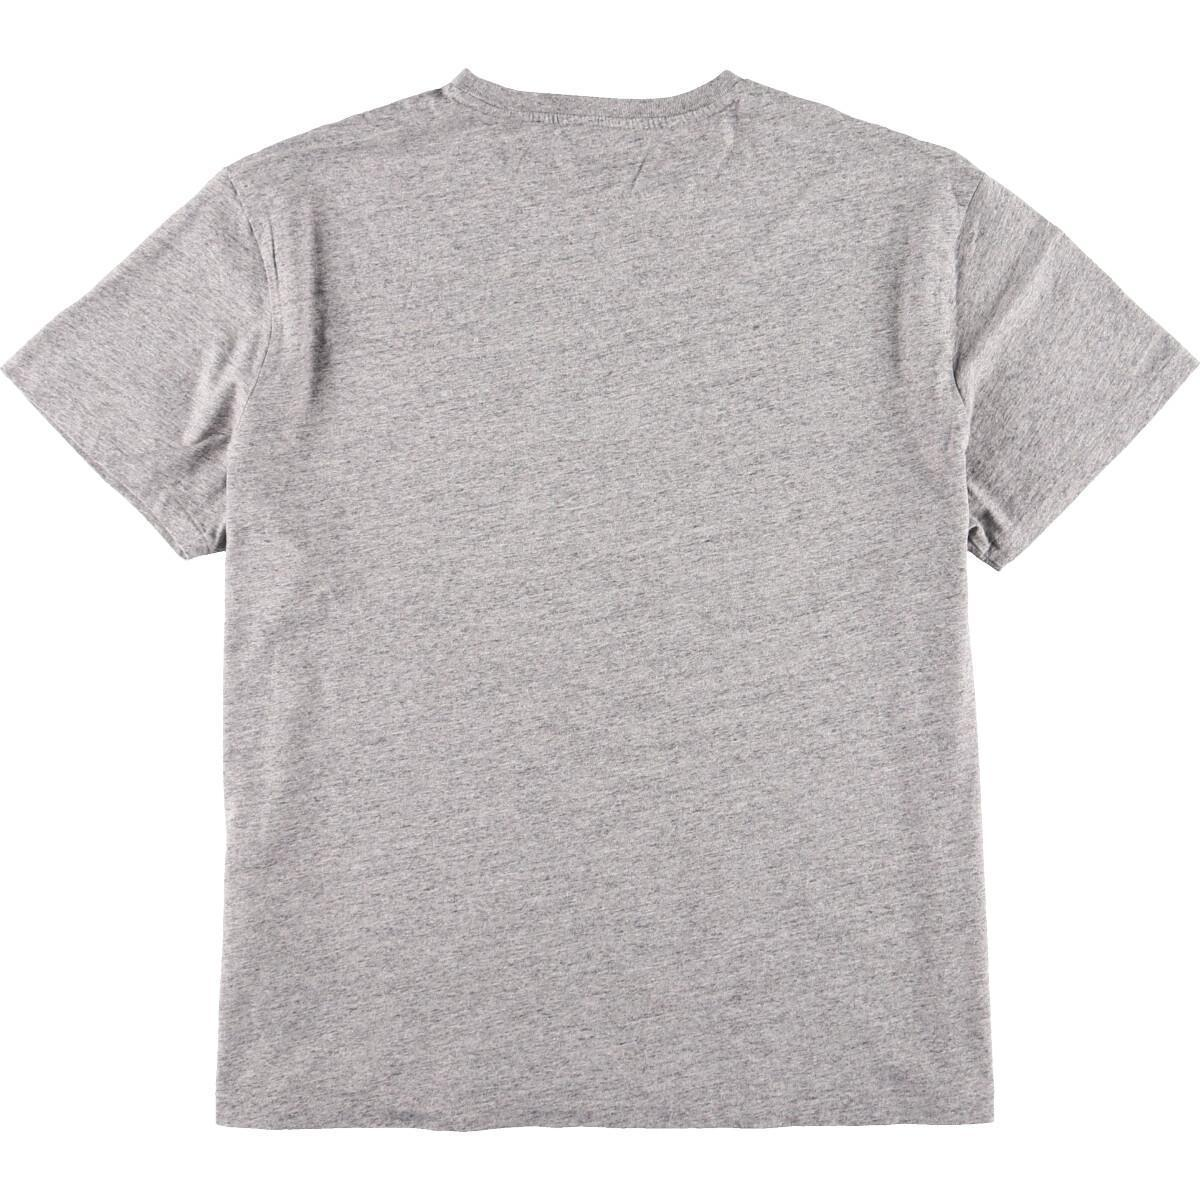 ラルフローレン Ralph Lauren POLO RALPH LAUREN 半袖 ワンポイントロゴポケットTシャツ メンズXL /eaa160158_画像2